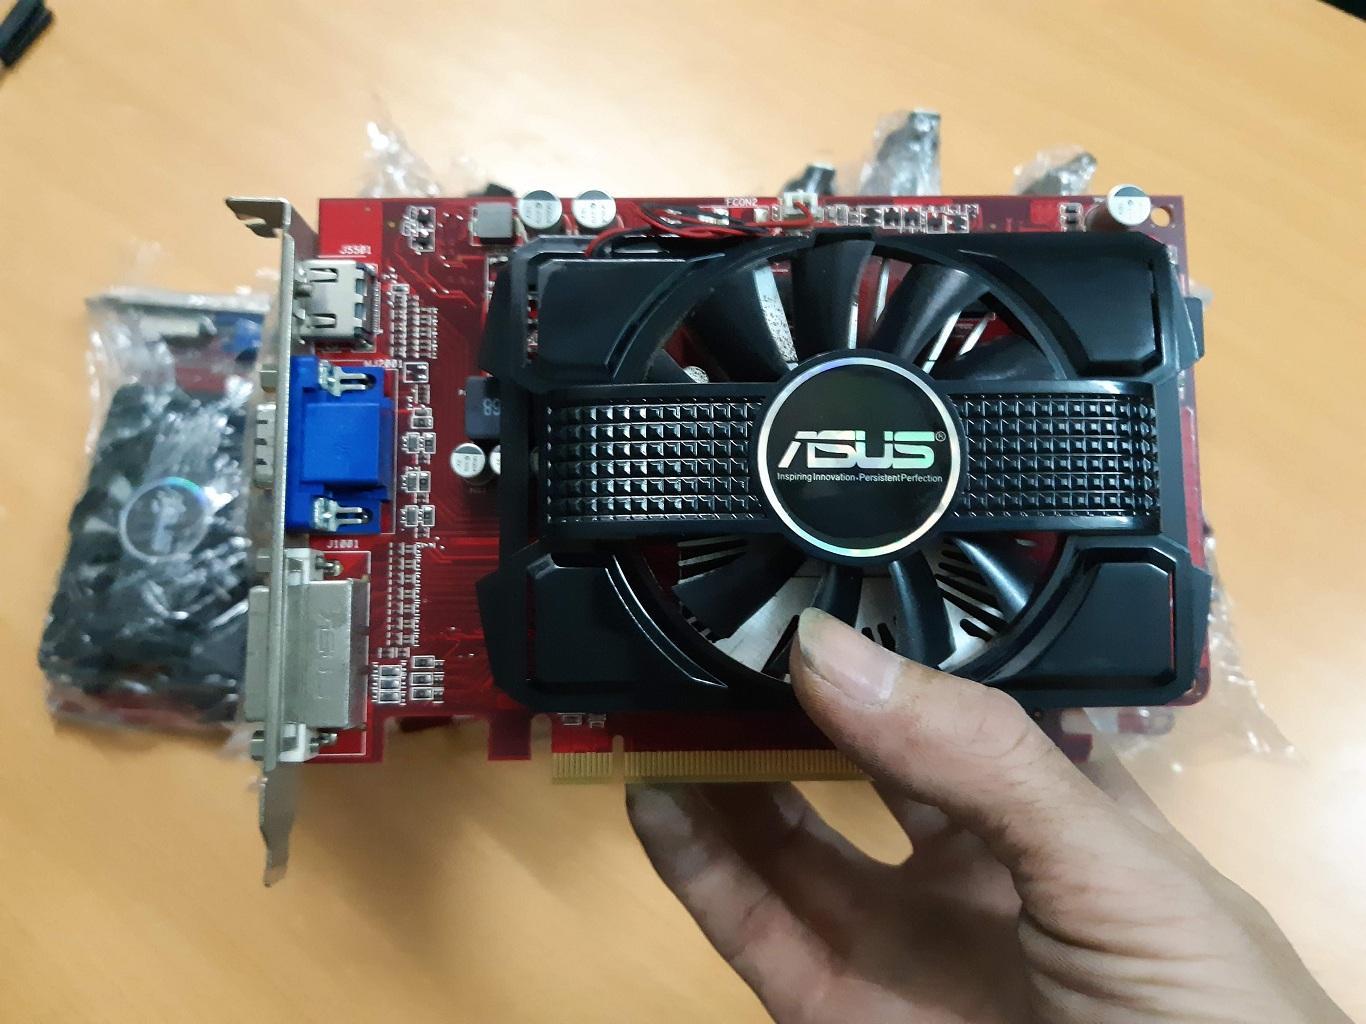 Hình ảnh ( Giá tốt ) Cạc màn hình rời HD 1G/128B chiến Game đồ họa Lol, FIFa, CF ...